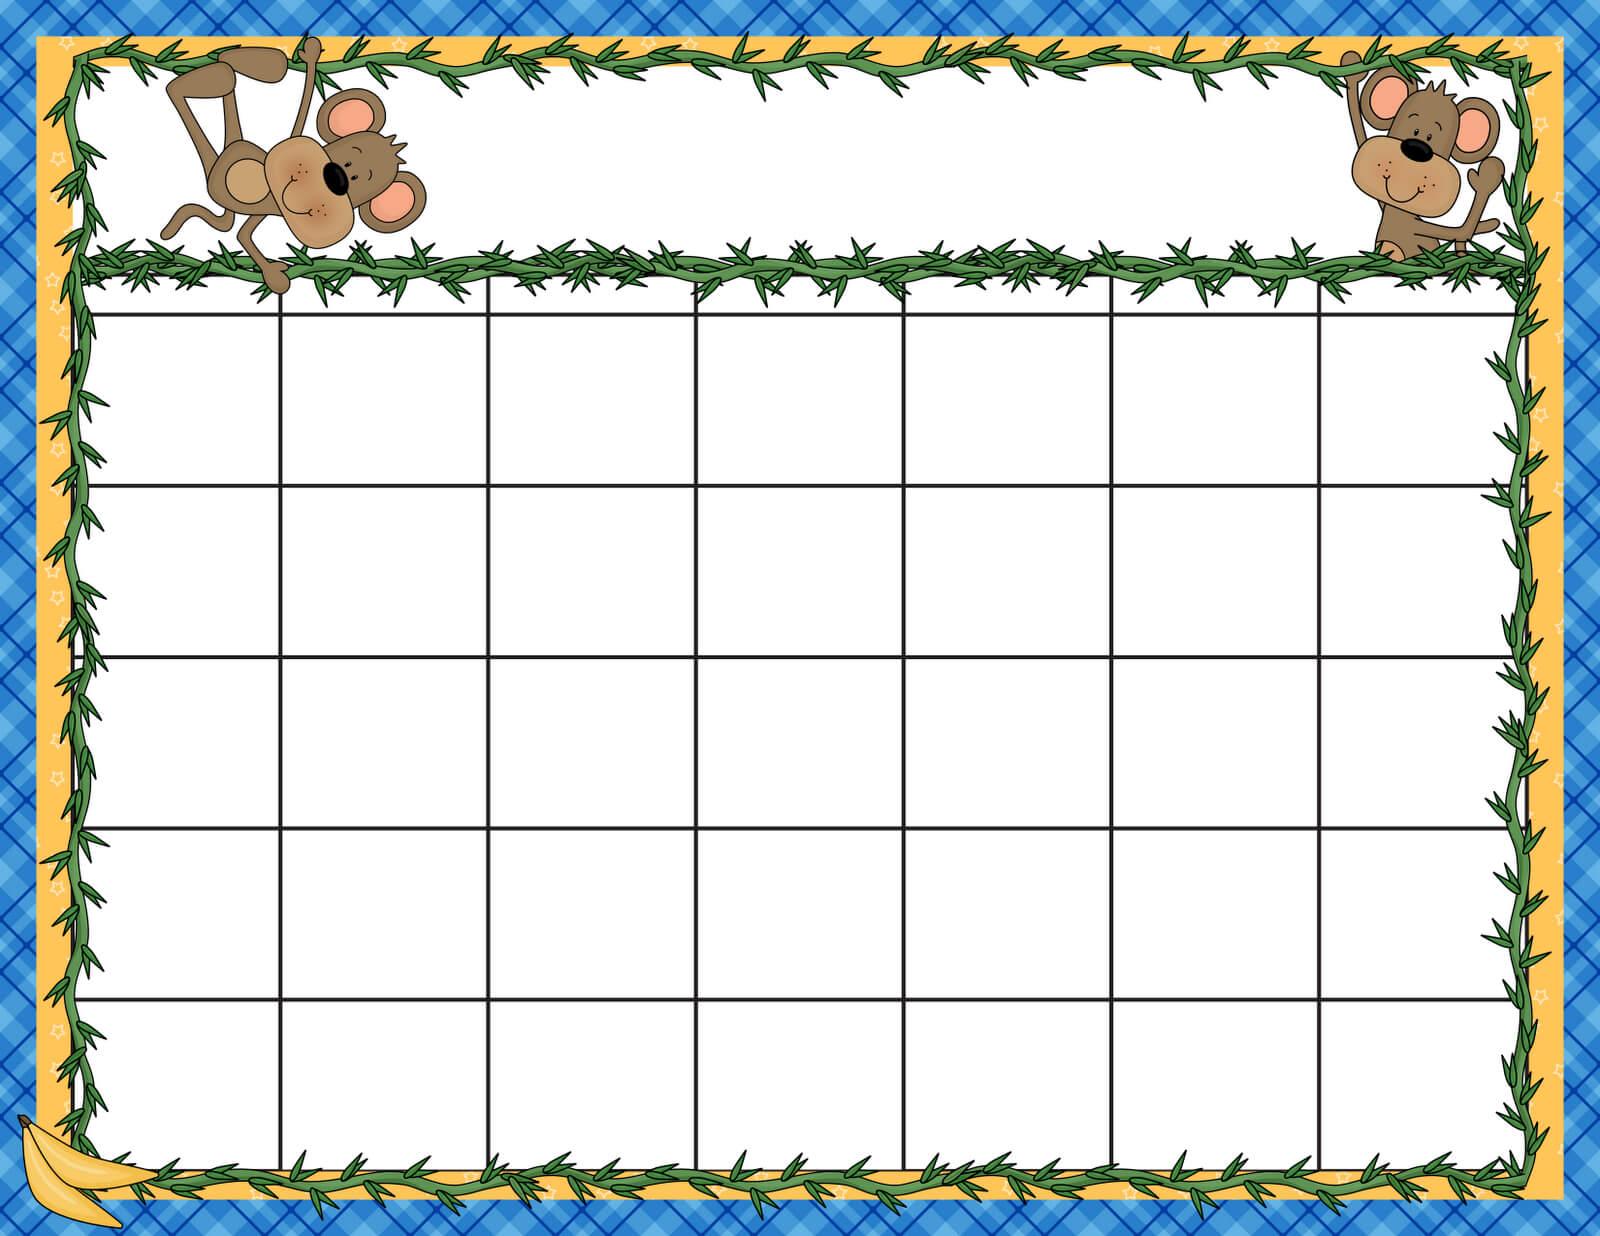 Calendar Template Kids Best 25 Kids Calendar Ideas On throughout Blank Calendar Template For Kids